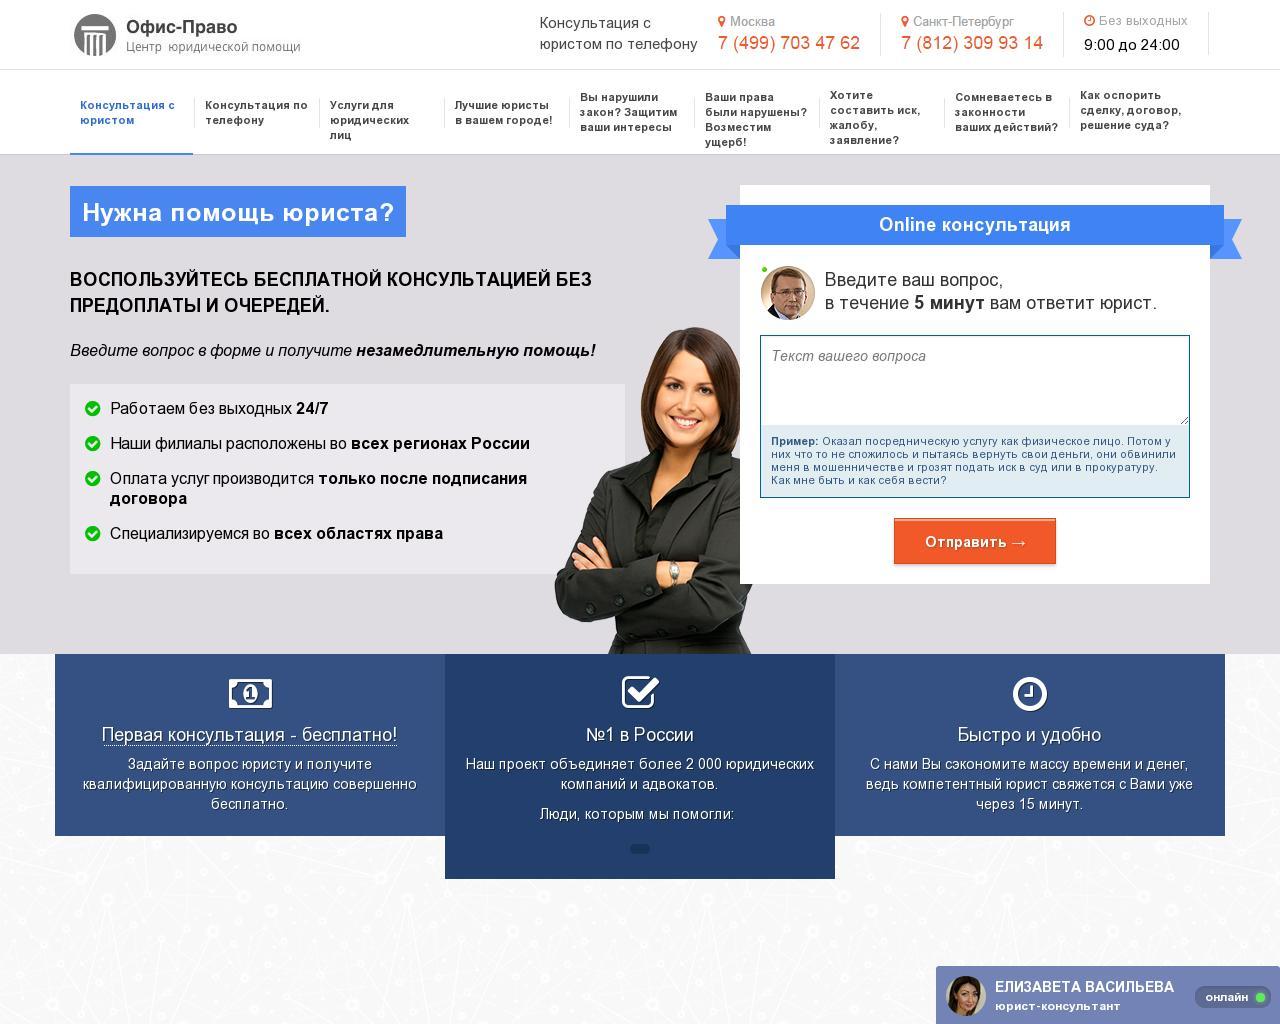 нужна помощь юриста москва проследив взгляд